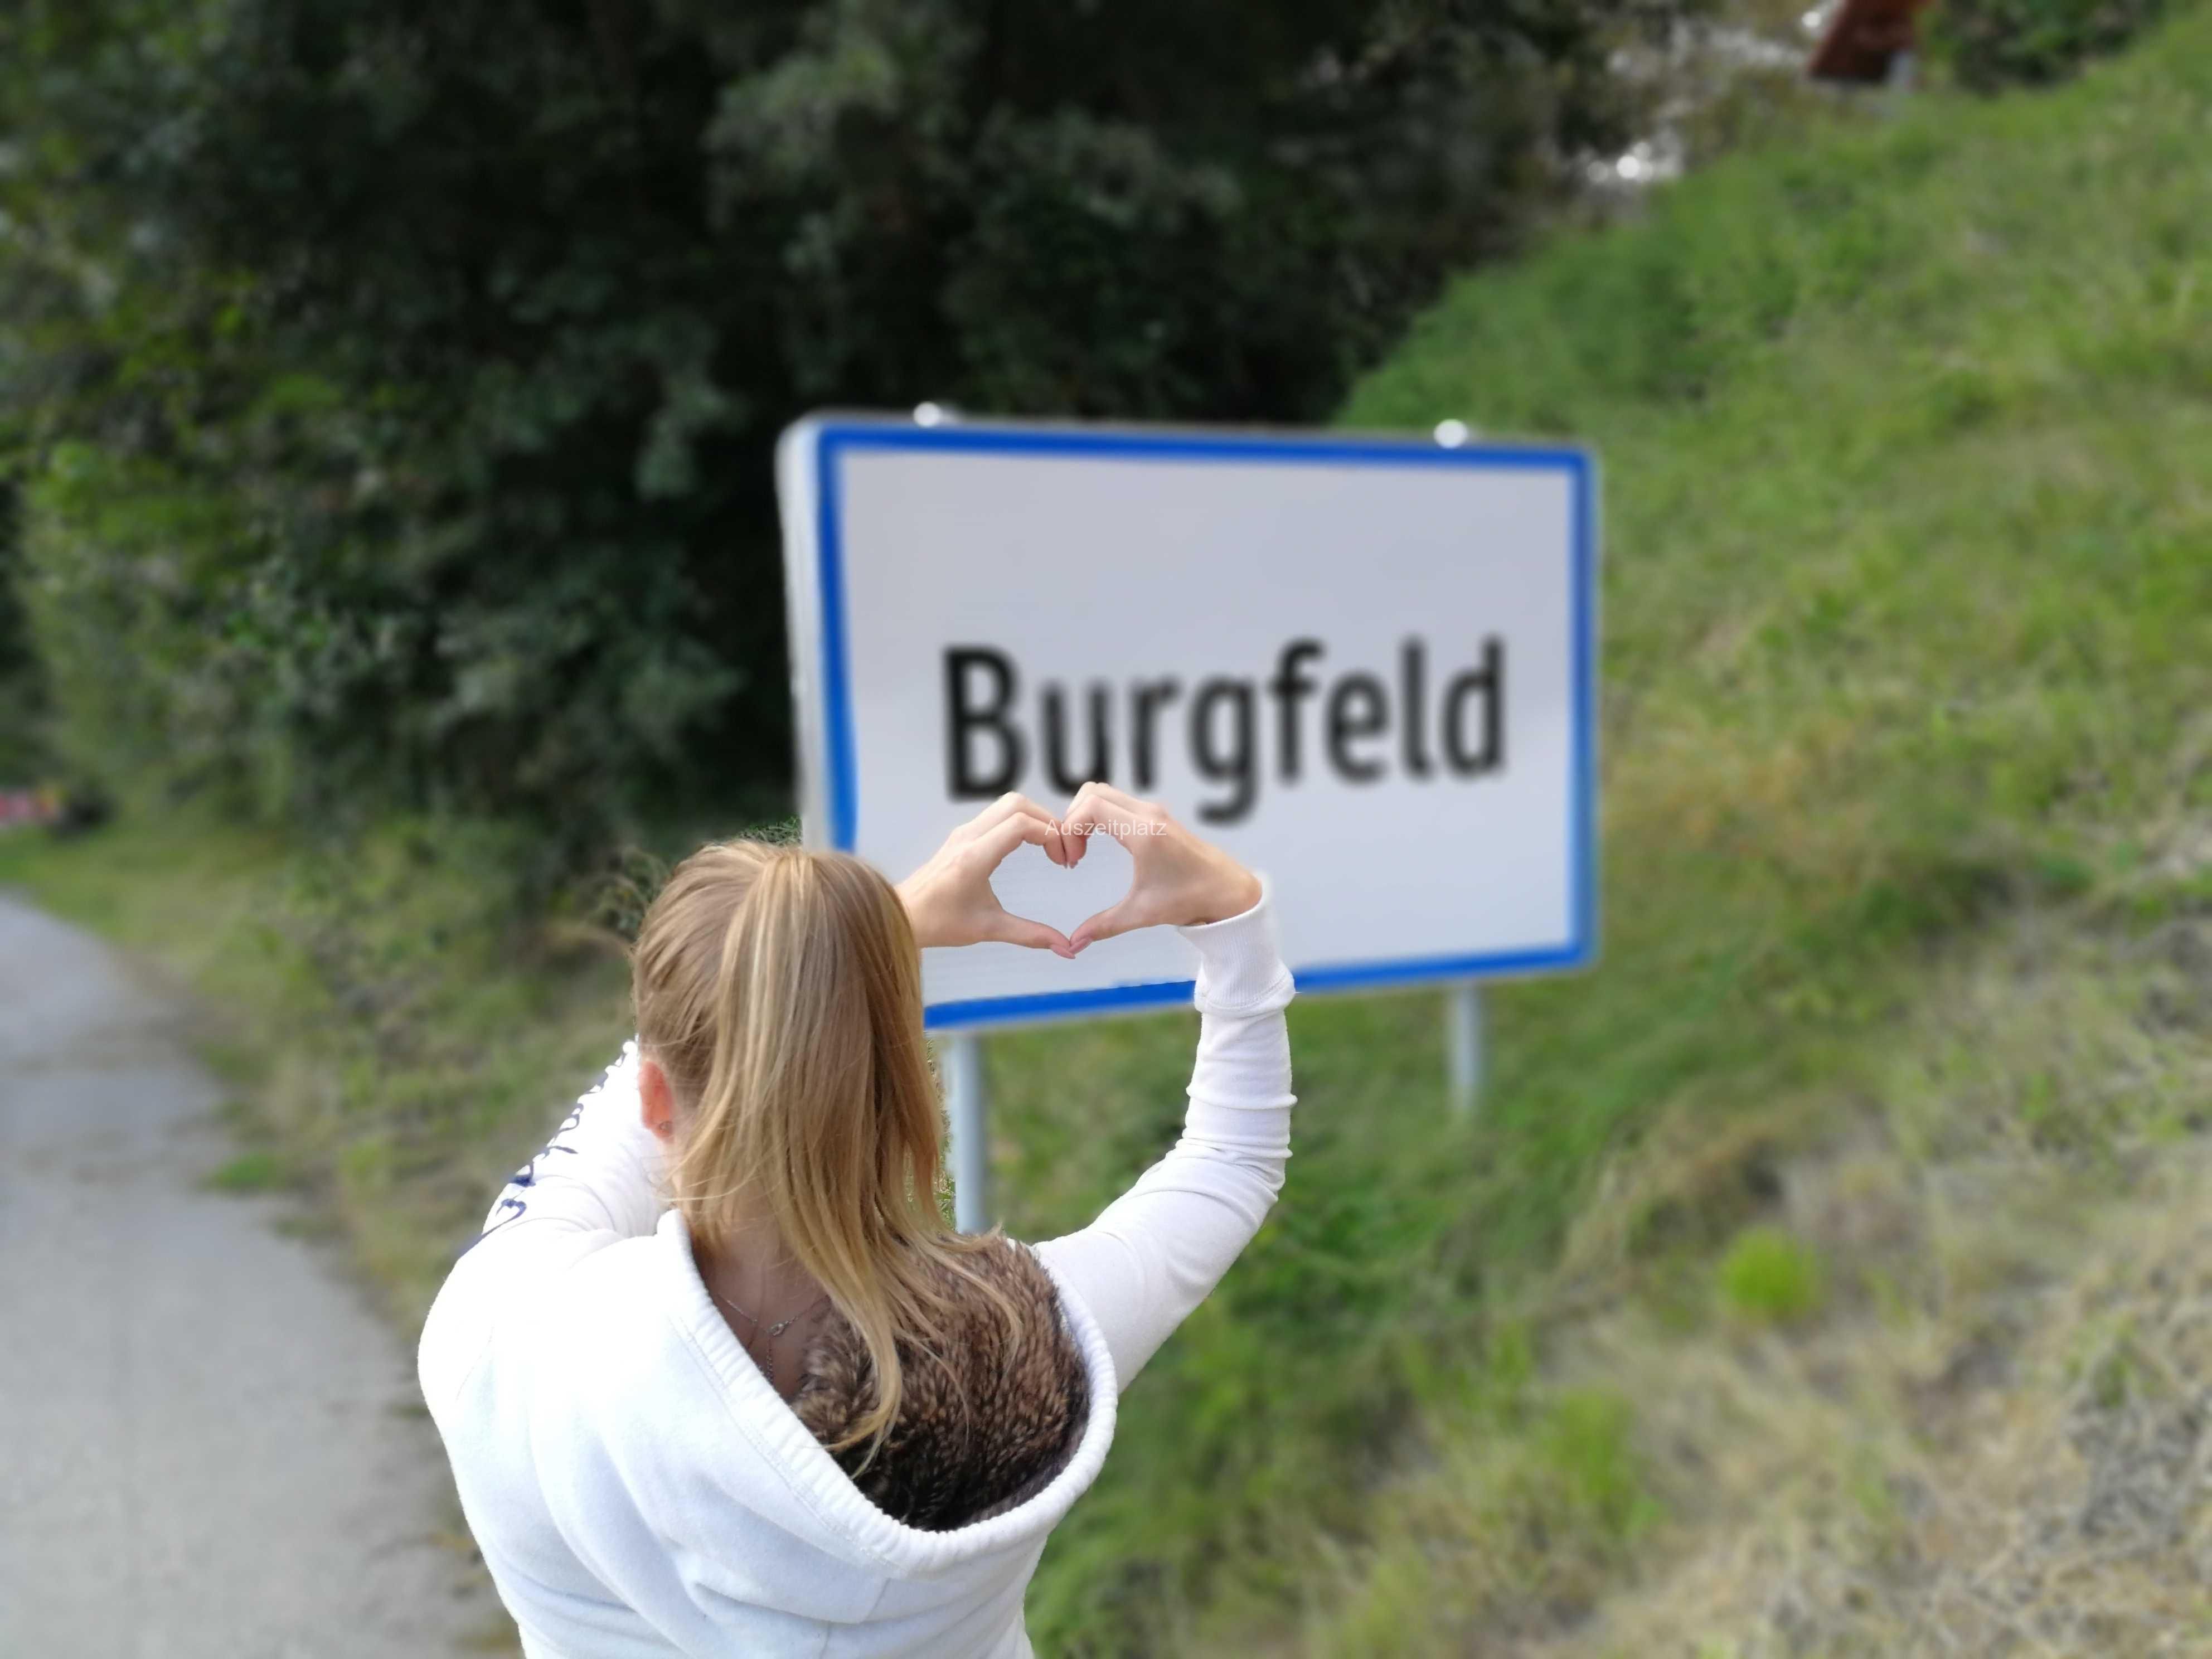 Burgfeld2